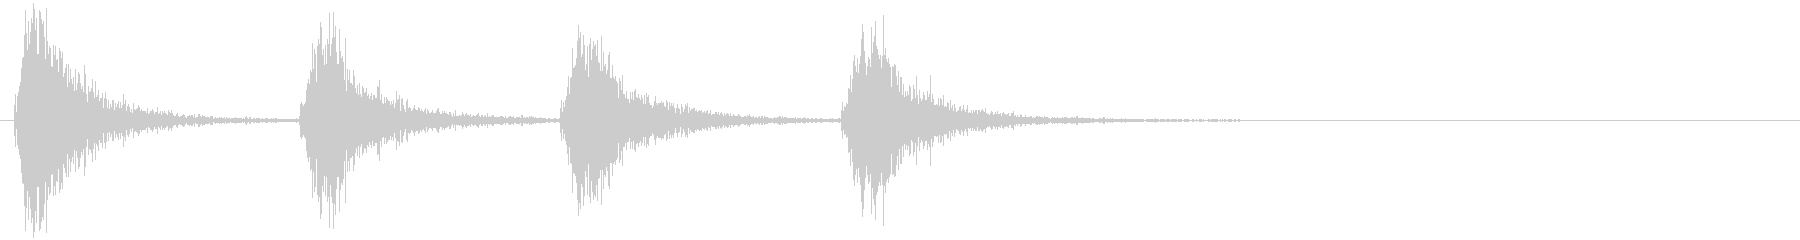 コテージのメタルスクリーンドア:メ...の未再生の波形